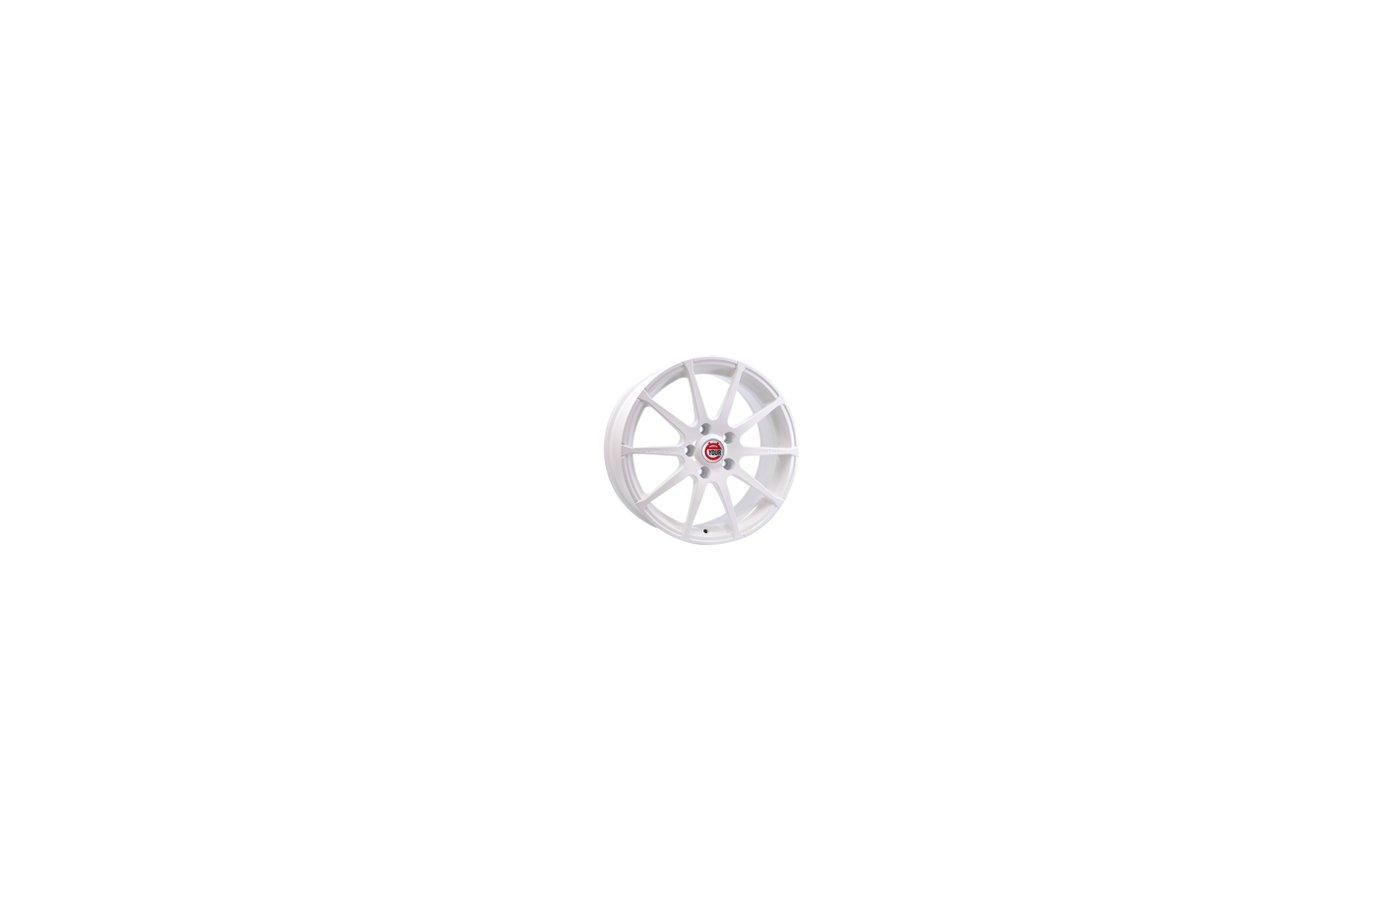 Диск Ё-wheels E04 6x15/4x100 D54.1 ET45 W